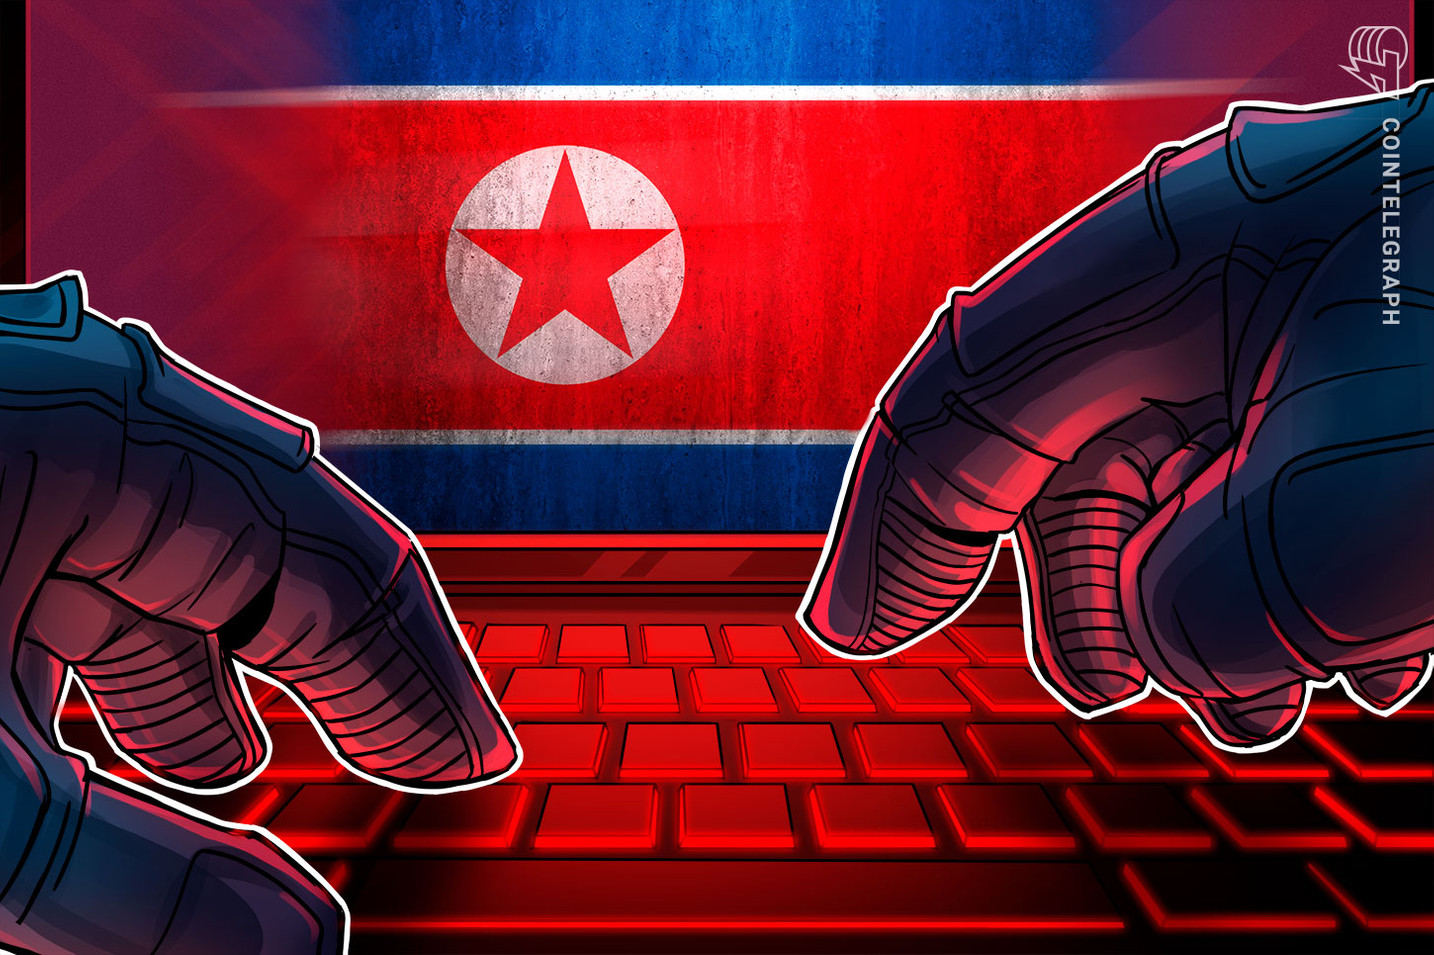 تقرير الأمم المتحدة: كوريا الجنوبية هي الأكثر تضررًا من هجمات كوريا الشمالية الإلكترونية